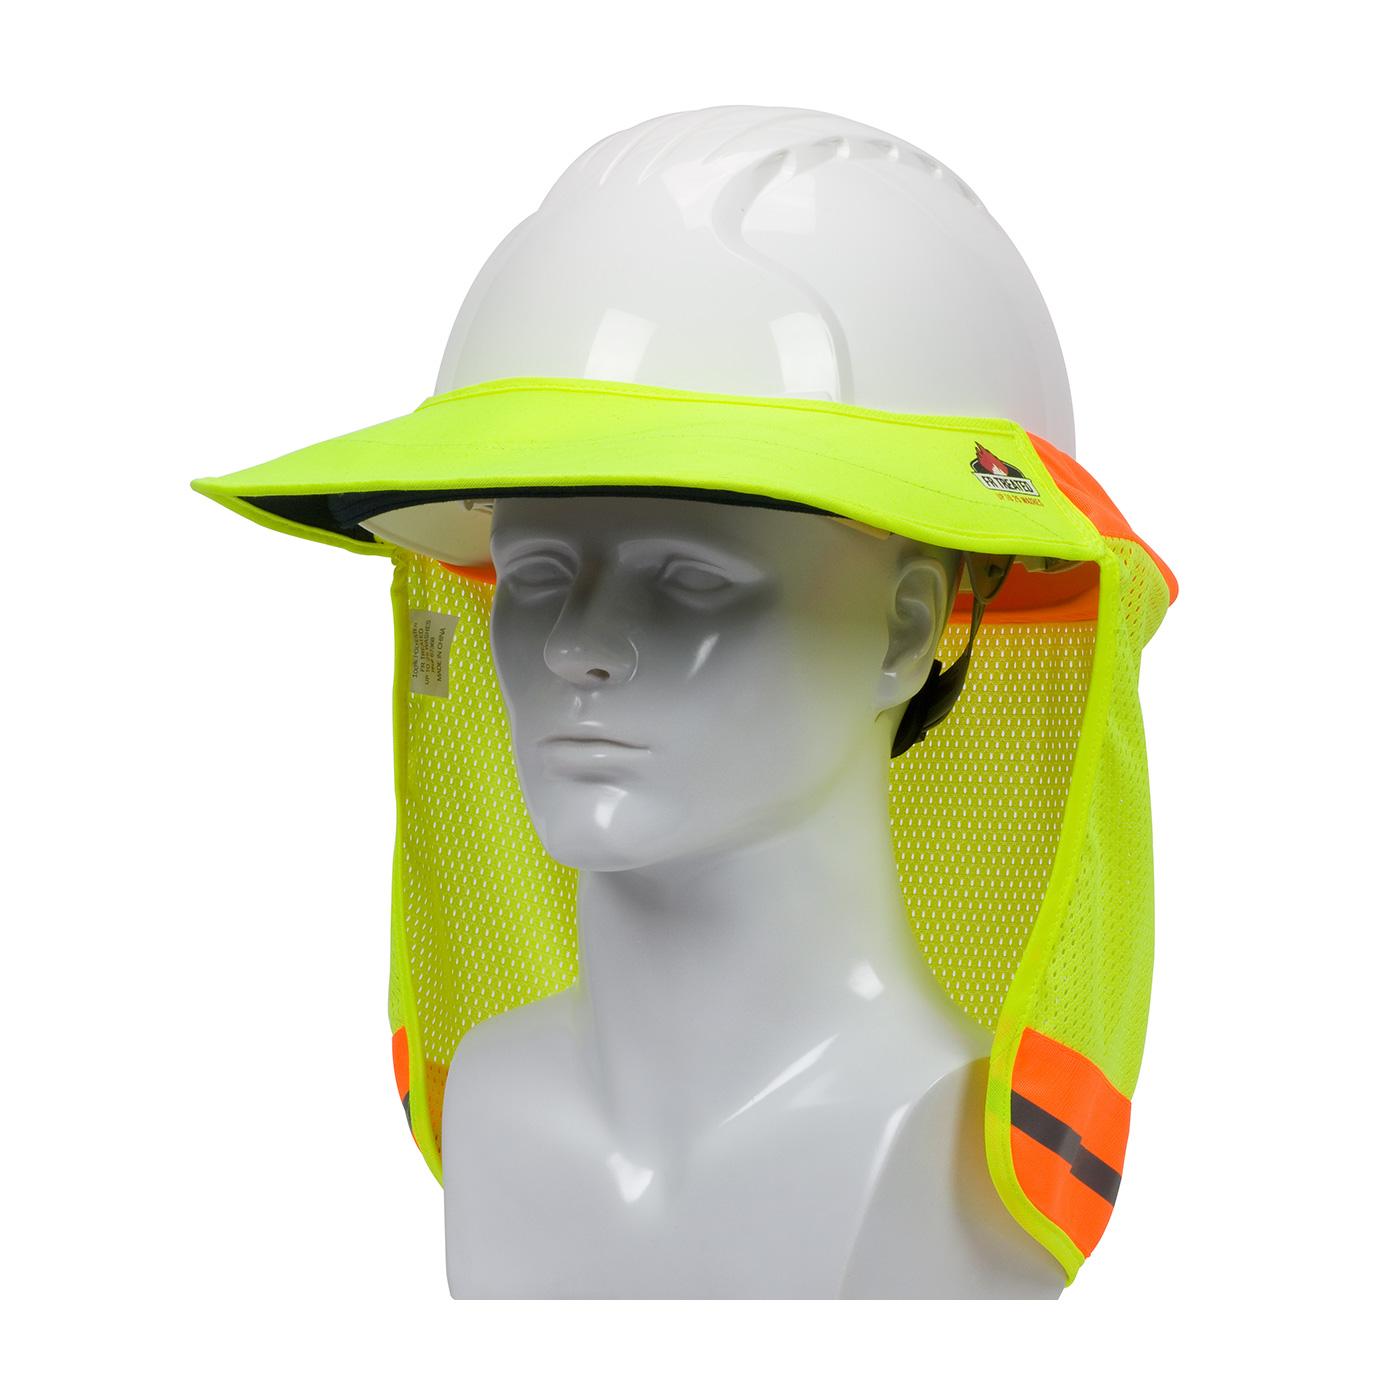 FR Treated Hi-Vis Hard Hat Visor and Neck Shade, Hi-Vis Yellow, OS